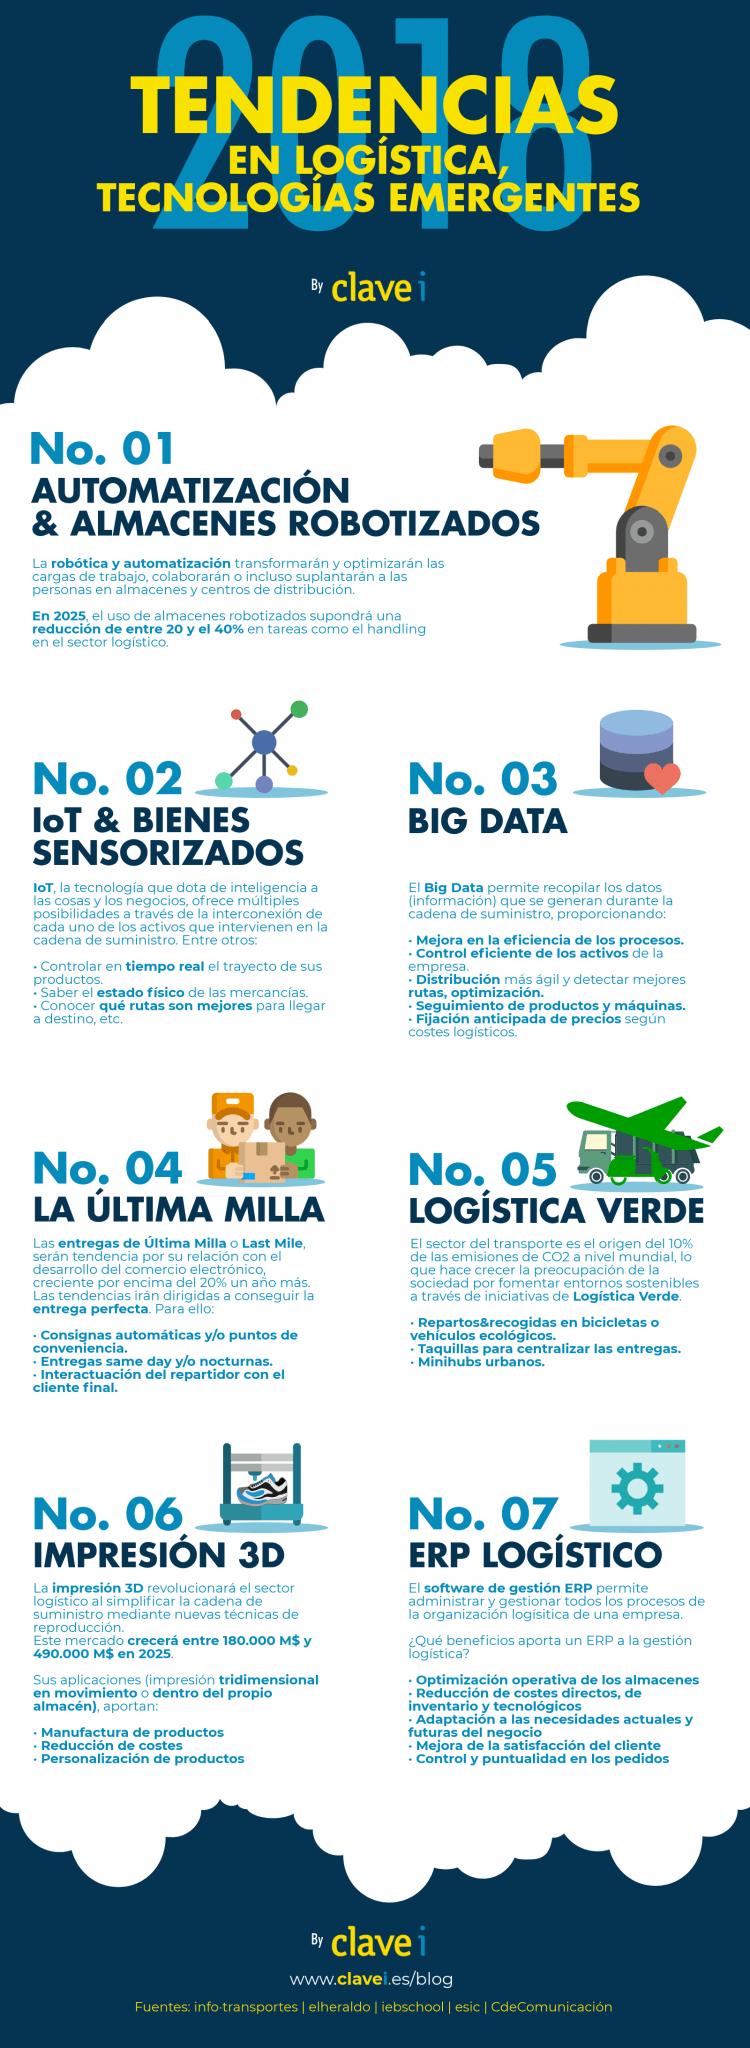 infografia-tendencias-logistica-2018